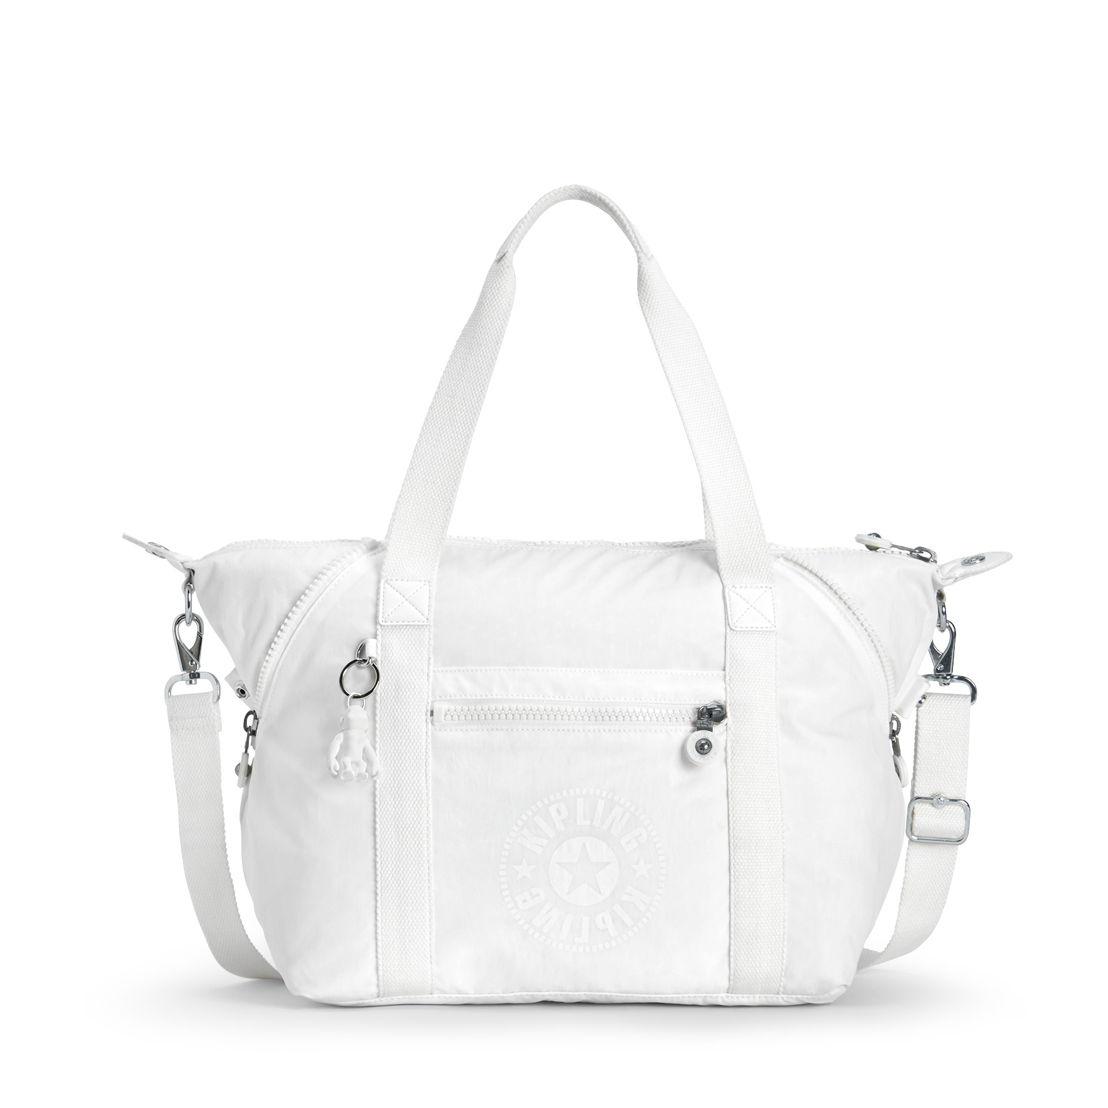 ART Lively White - 84.90€